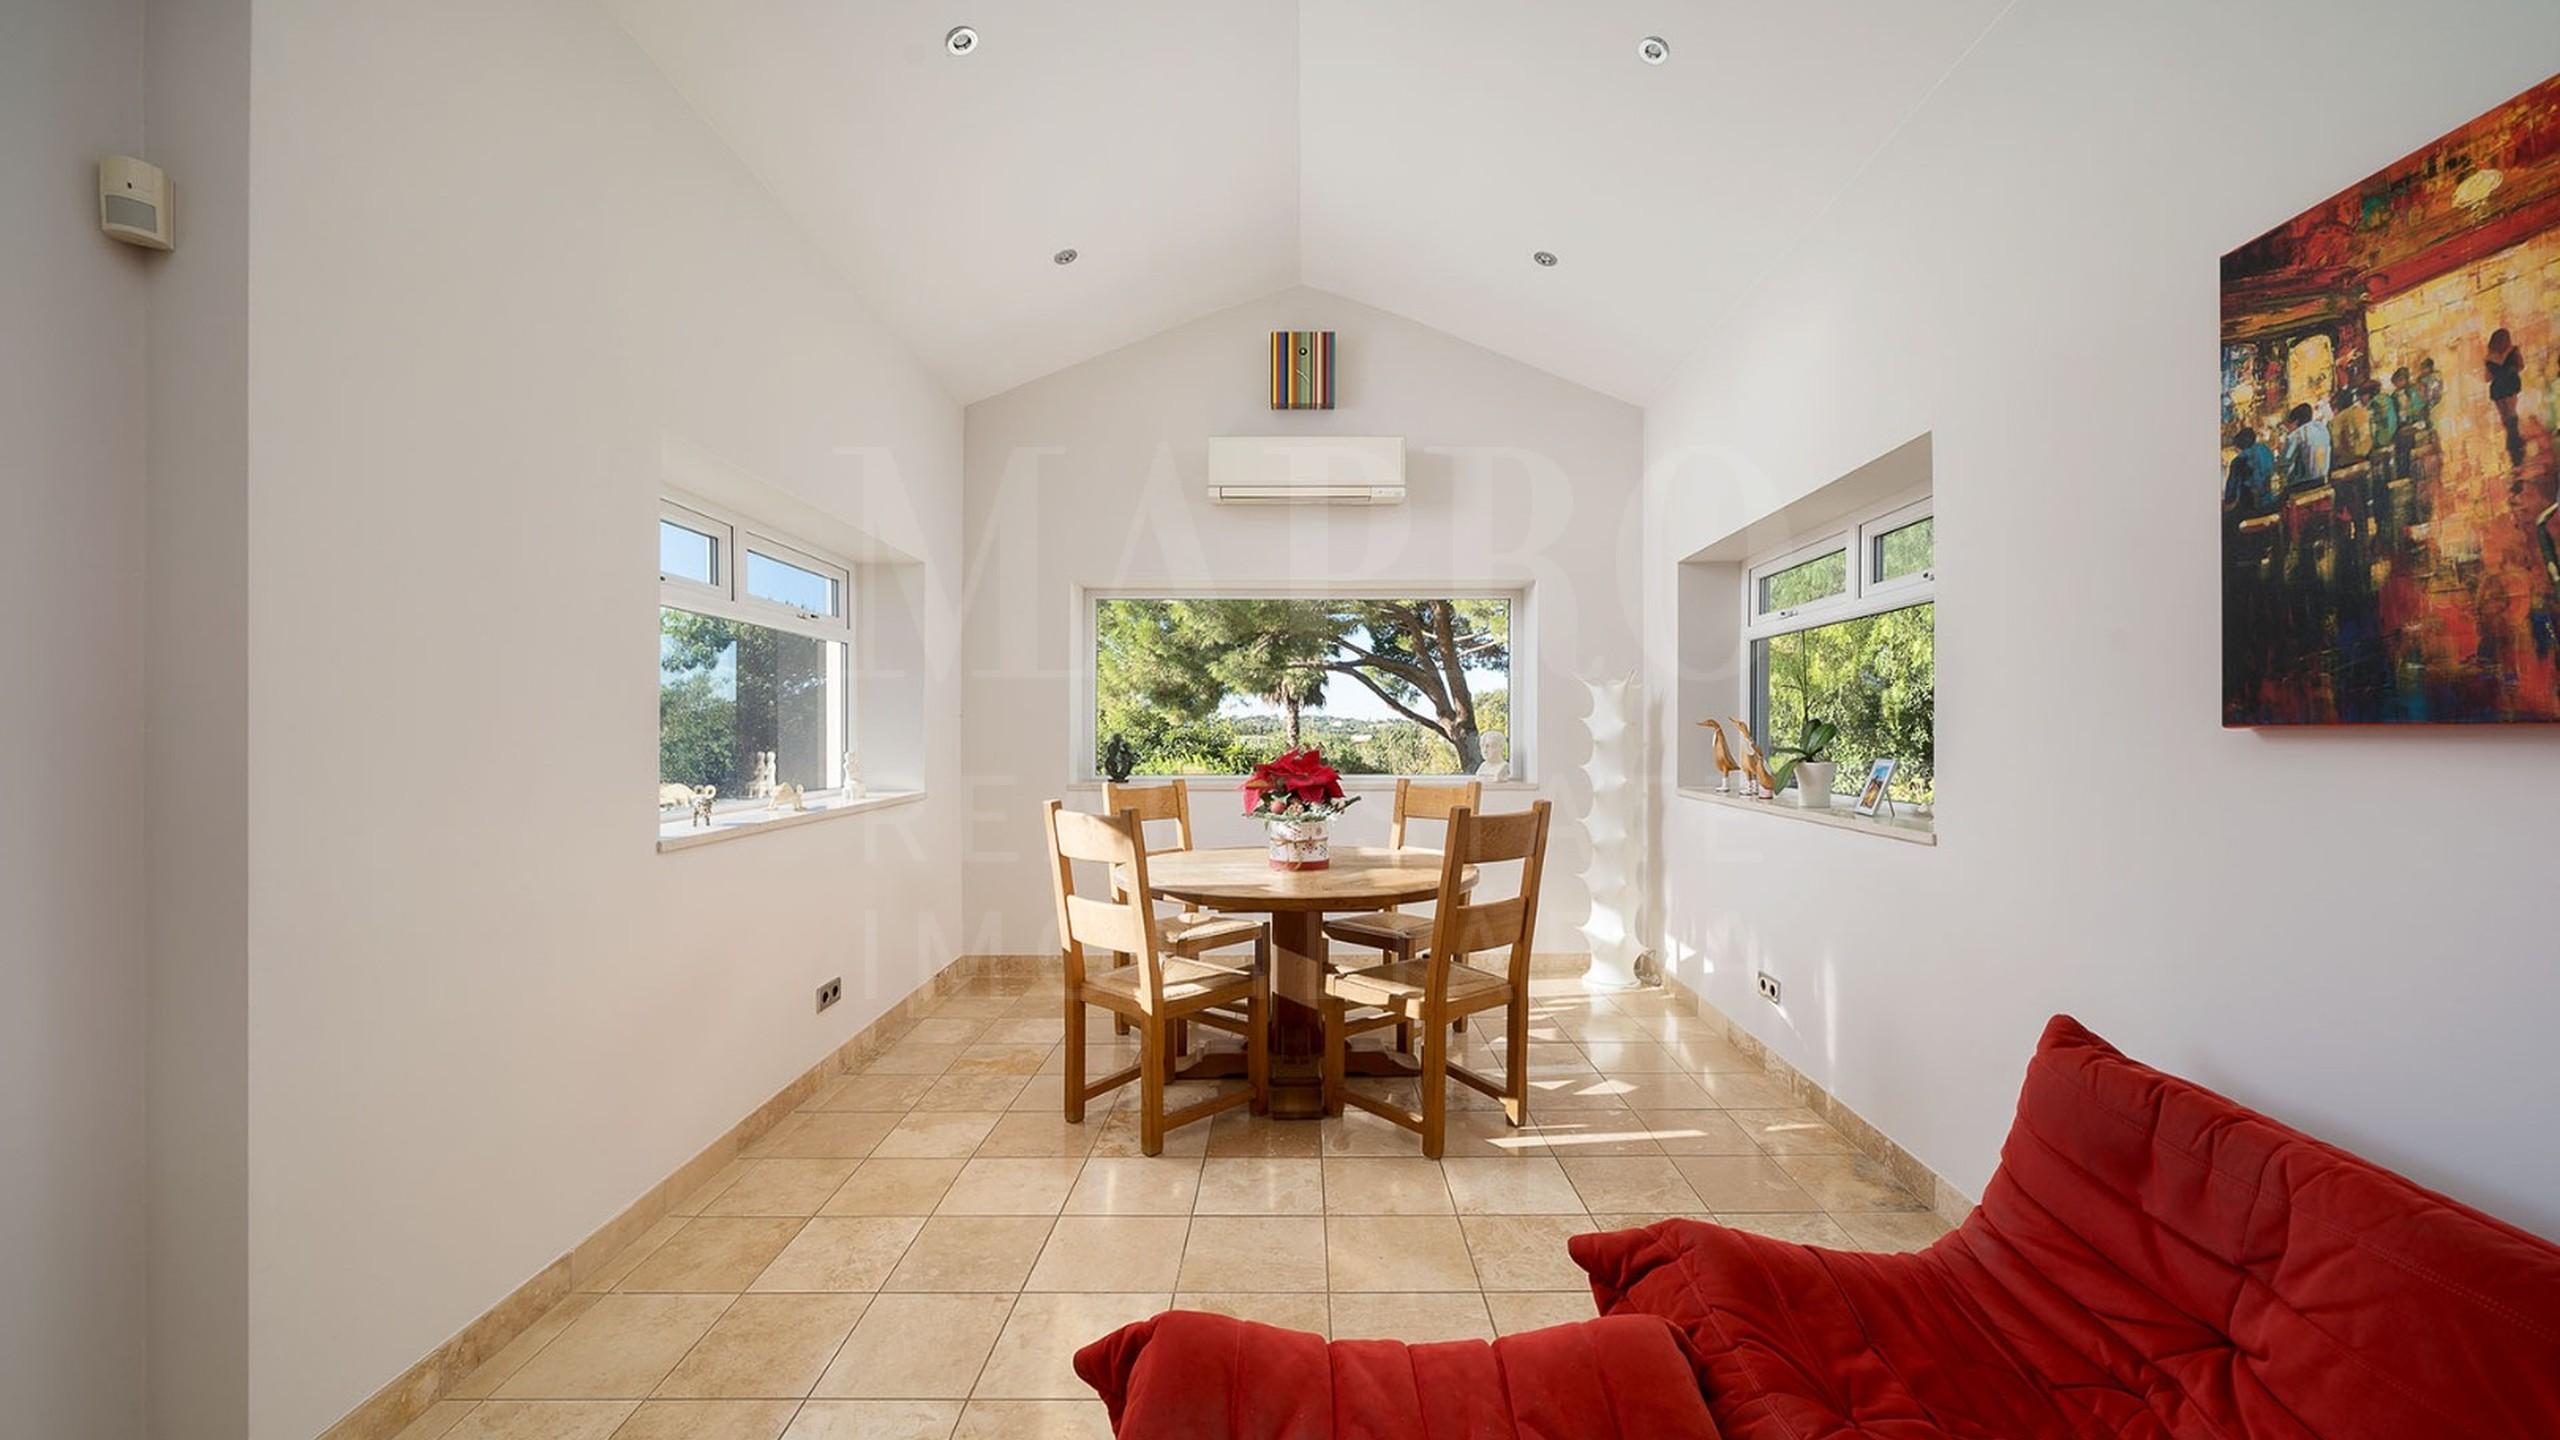 Sala pequena com mesa e cadeiras